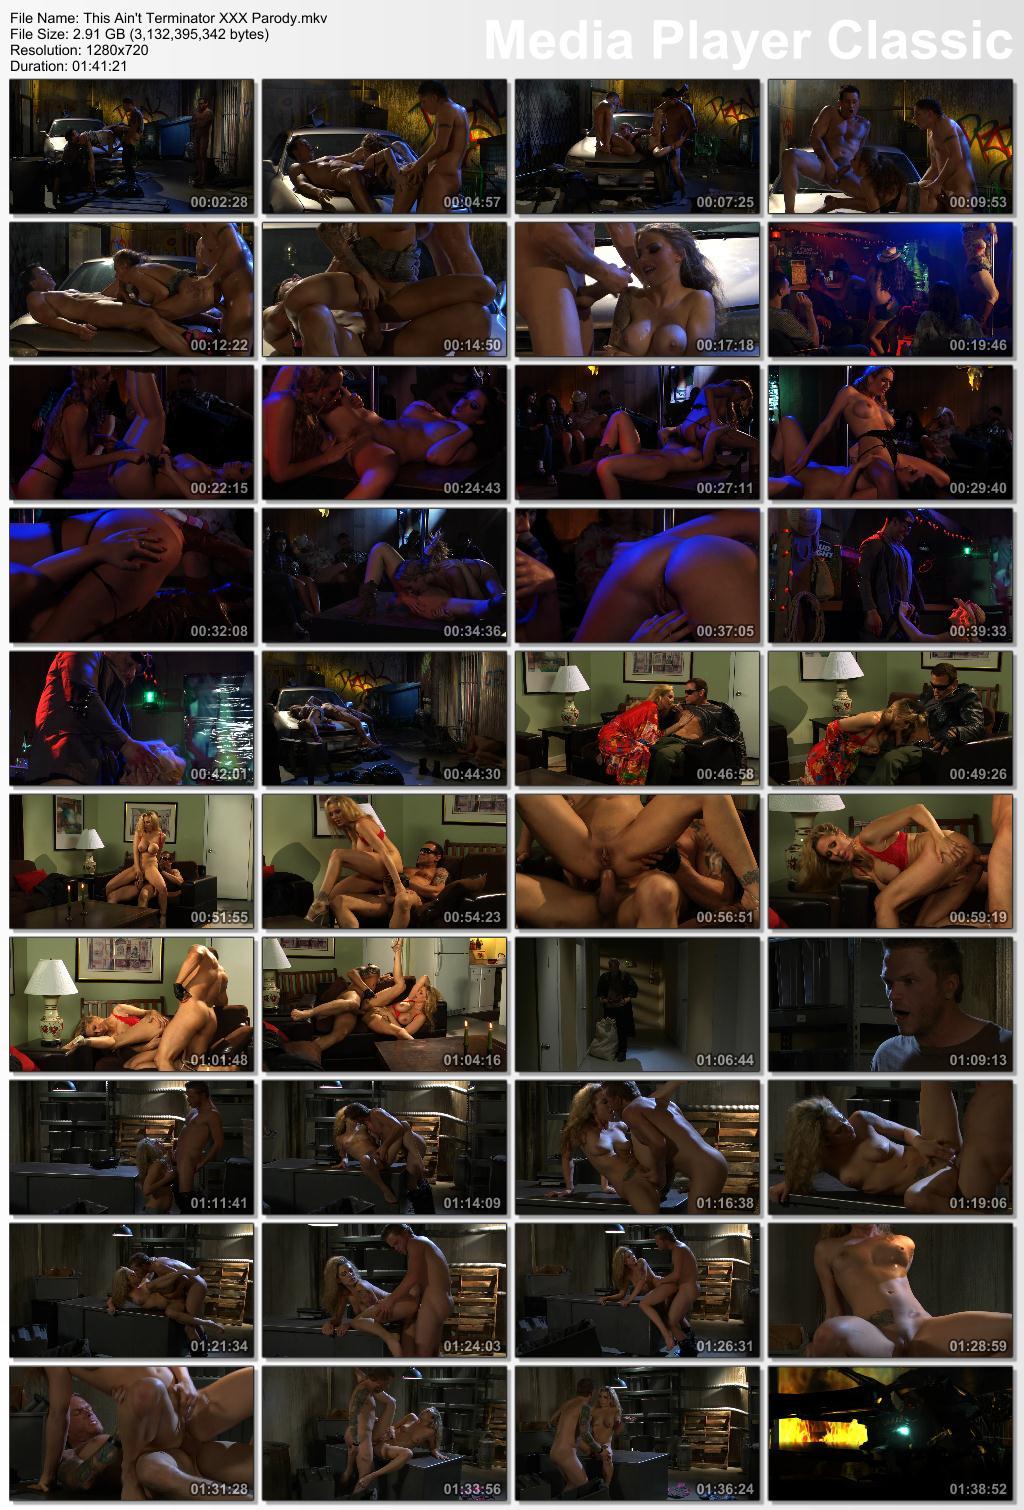 Терминатор смотреть 90х порно онлайнпорно терминатора фильмы пенетратор порно пародия